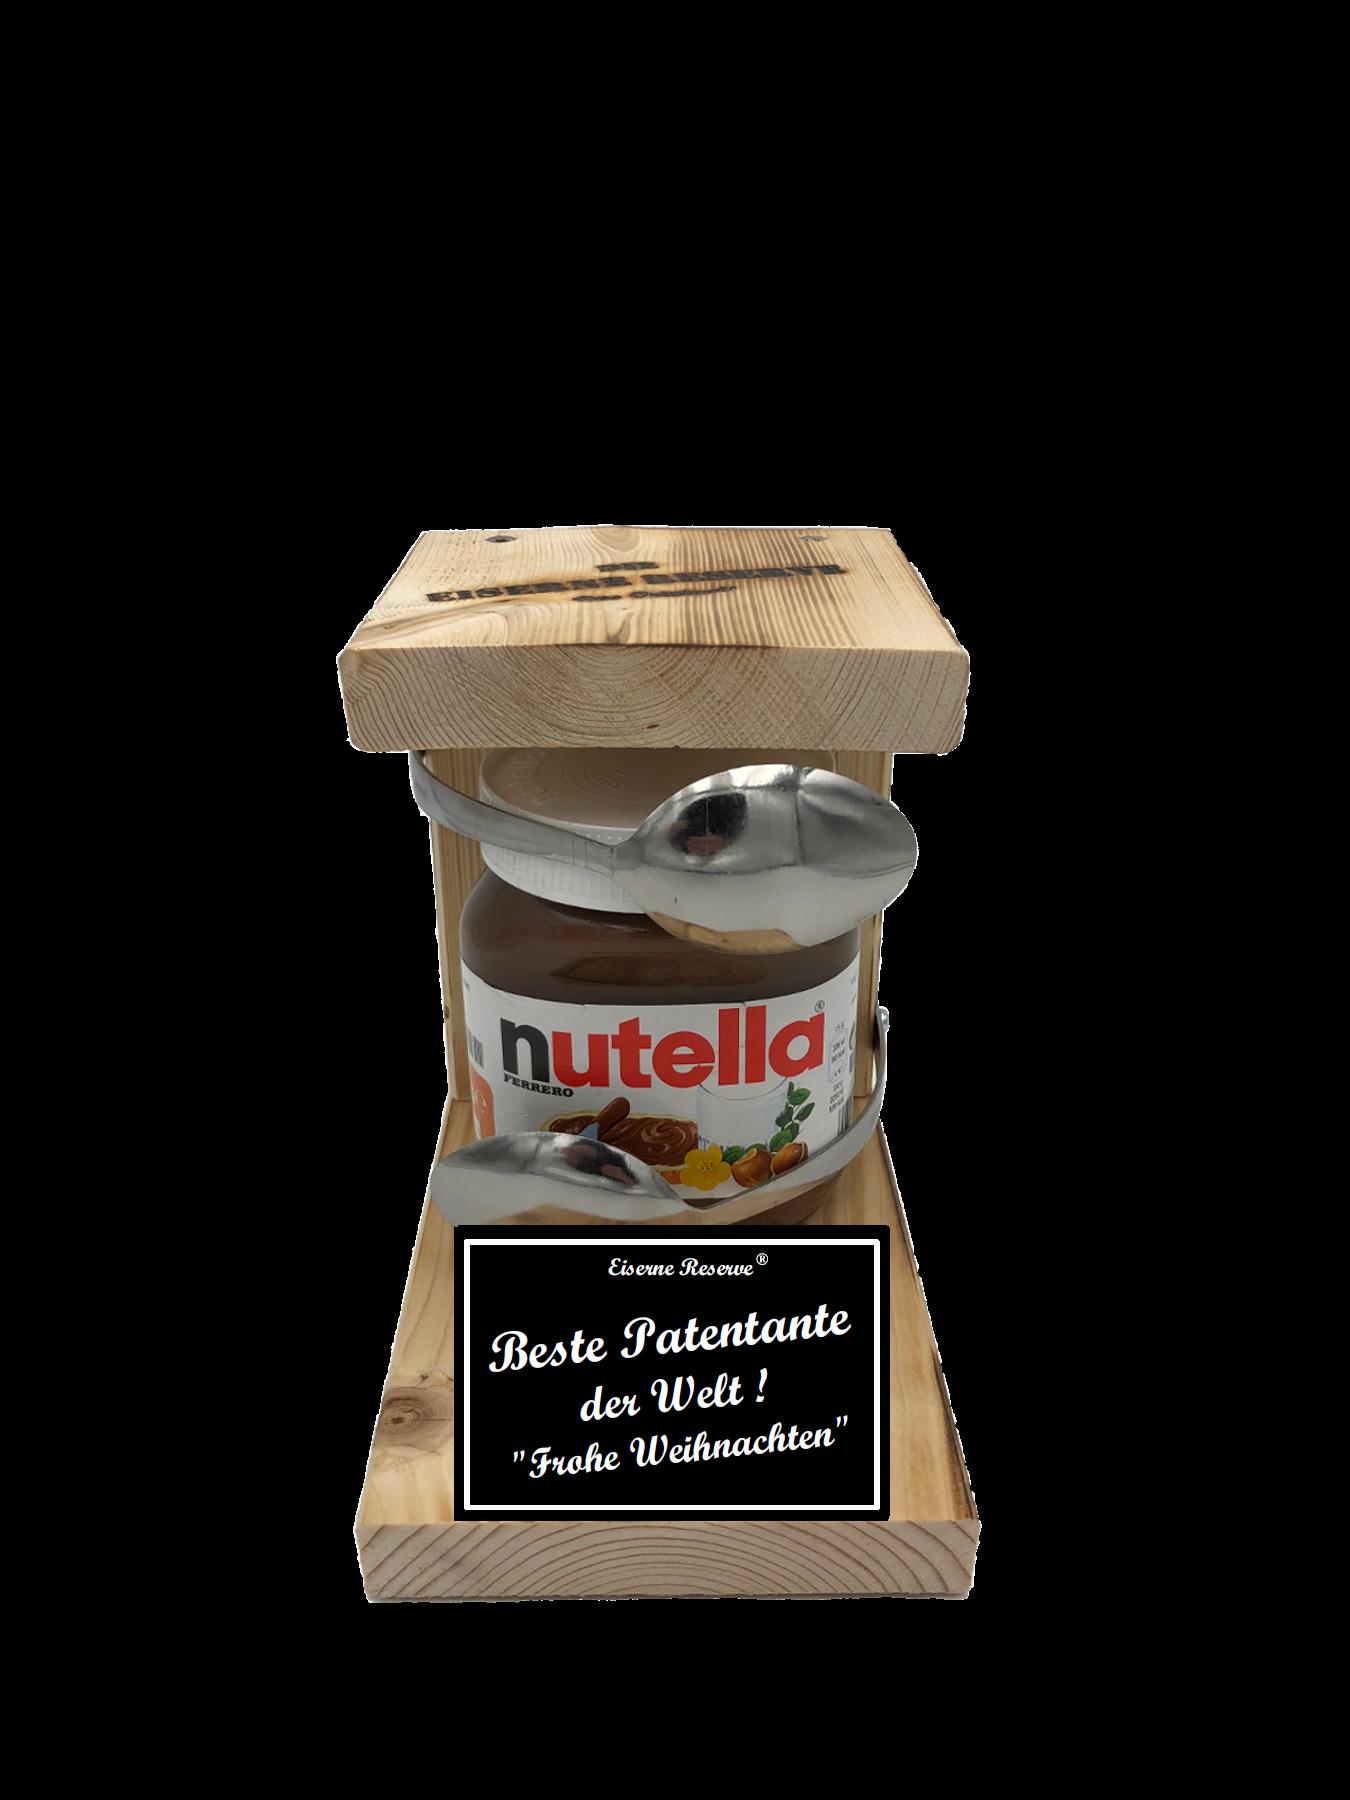 Beste Patentante der Welt Frohe Weihnachten Löffel Nutella Geschenk - Die Nutella Geschenkidee